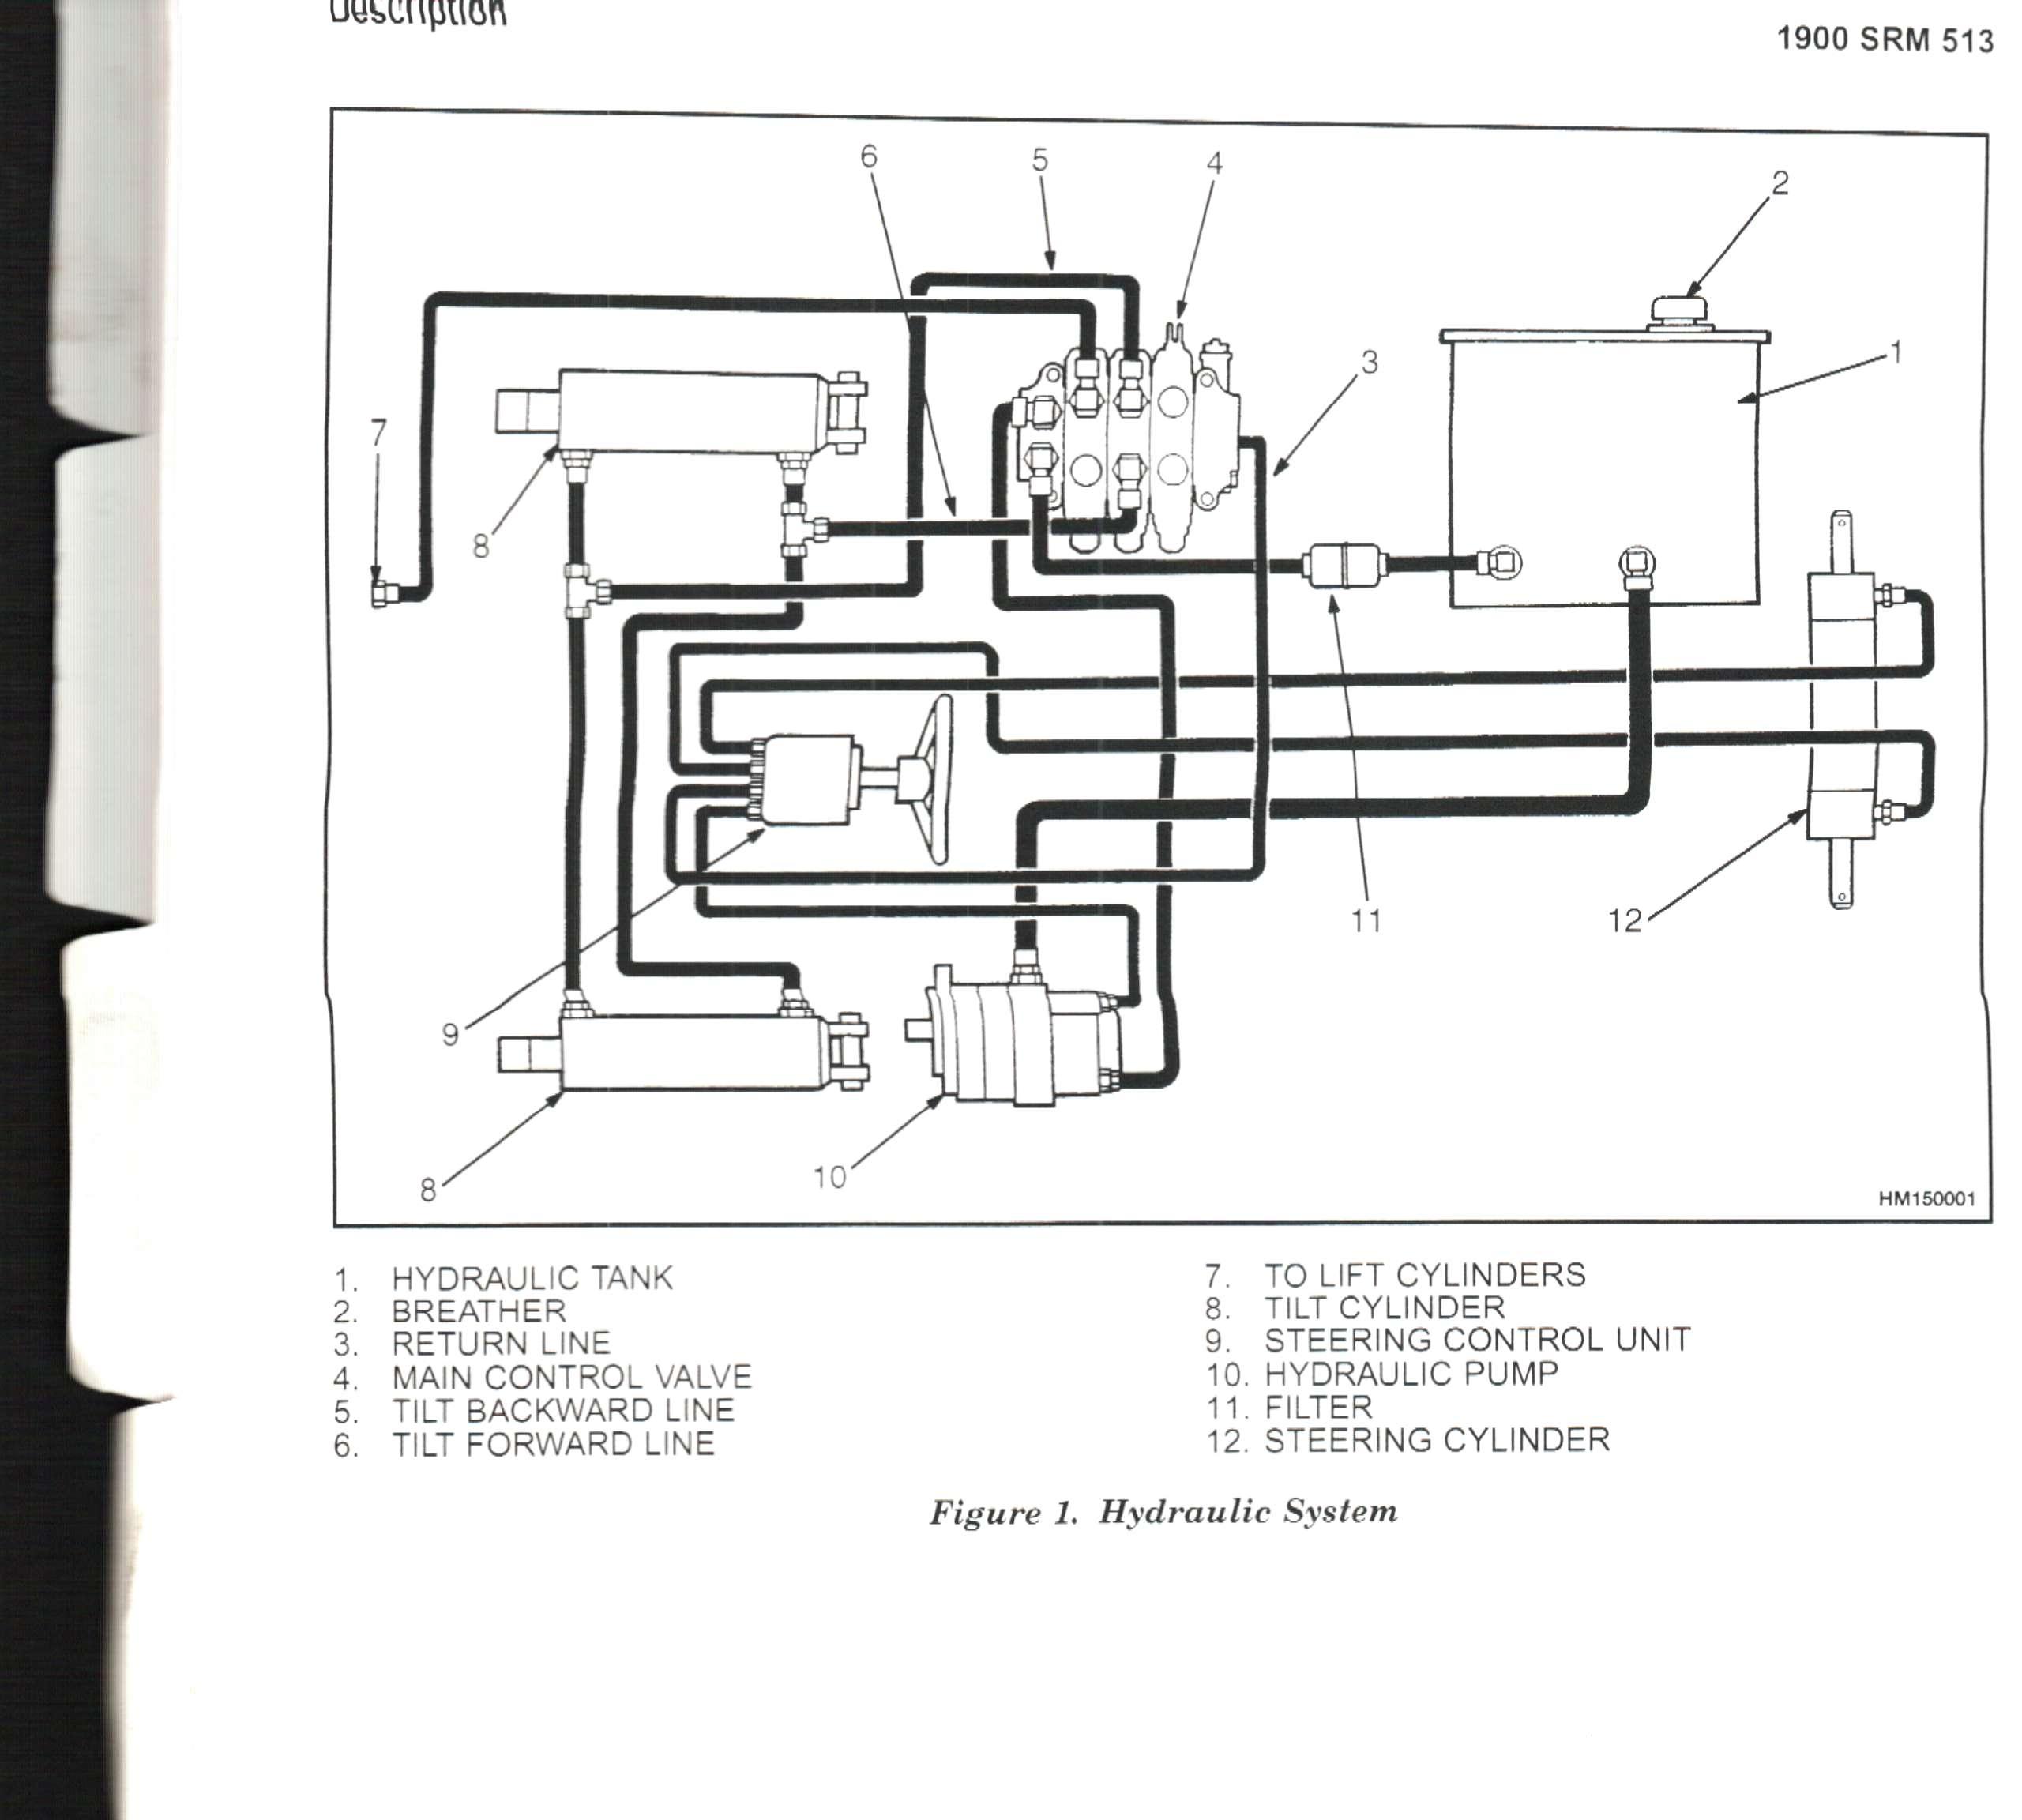 2011-12-06_160022_h50xm_hydraulics_001 H L Hydraulic Schematic Diagram on